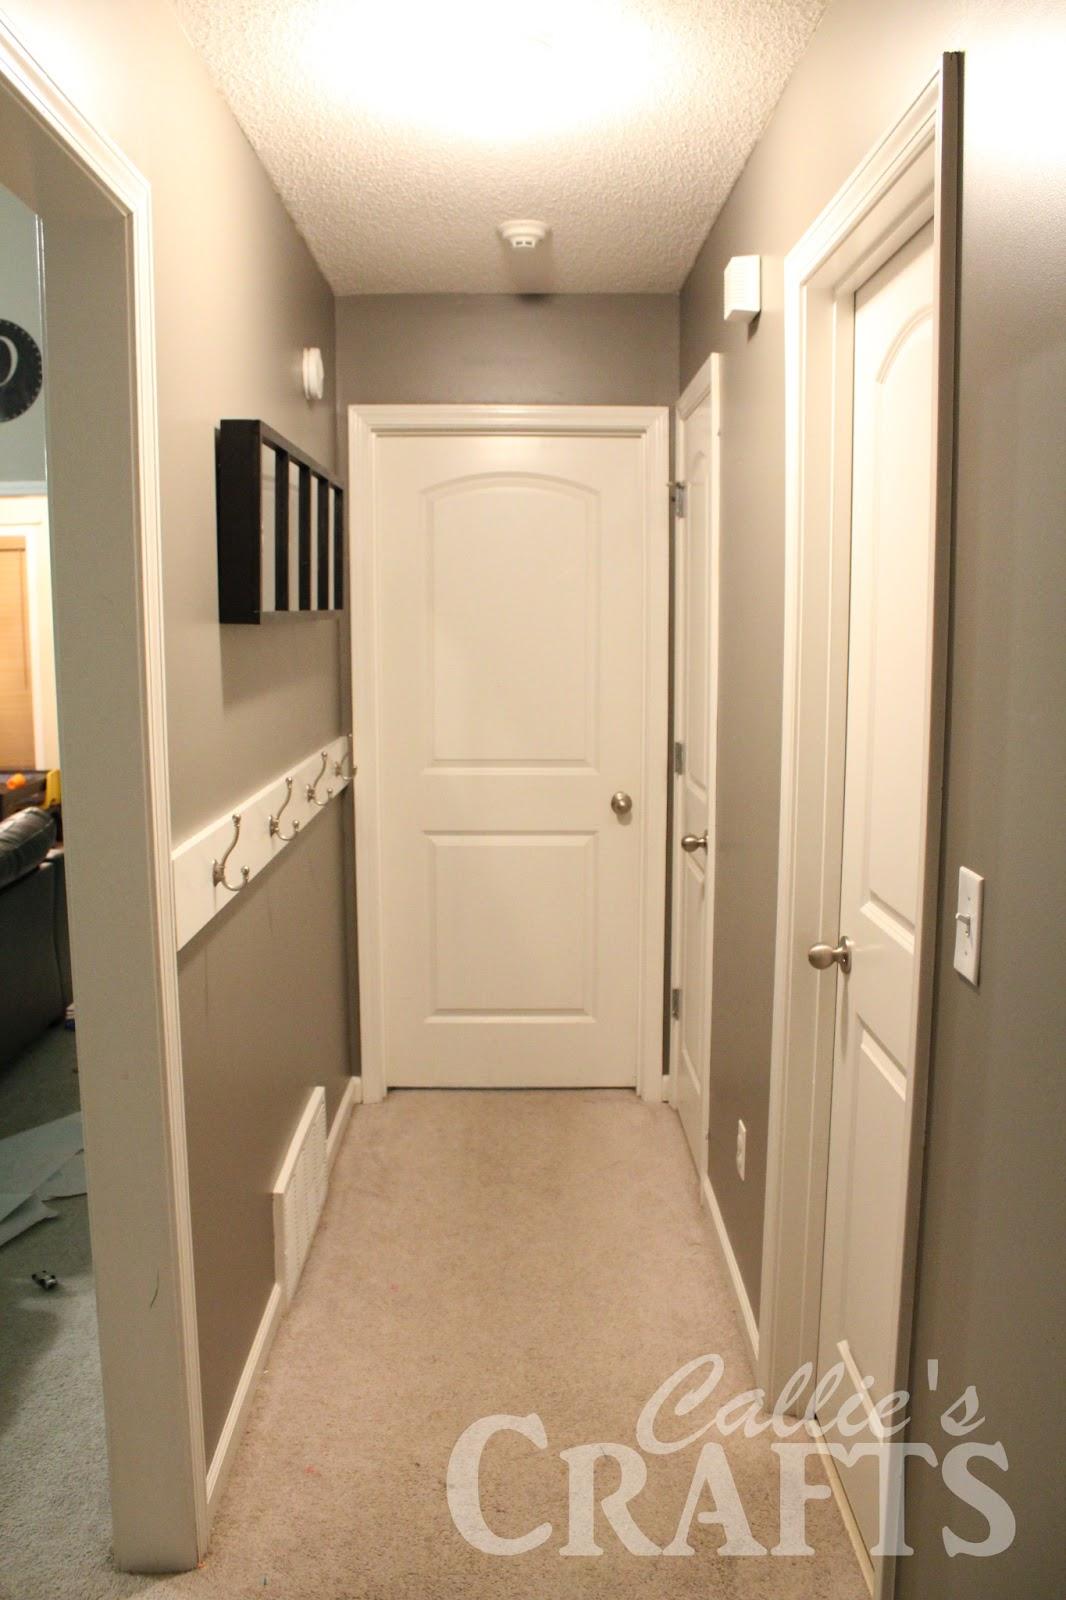 callie 39 s crafts hallway makeover. Black Bedroom Furniture Sets. Home Design Ideas